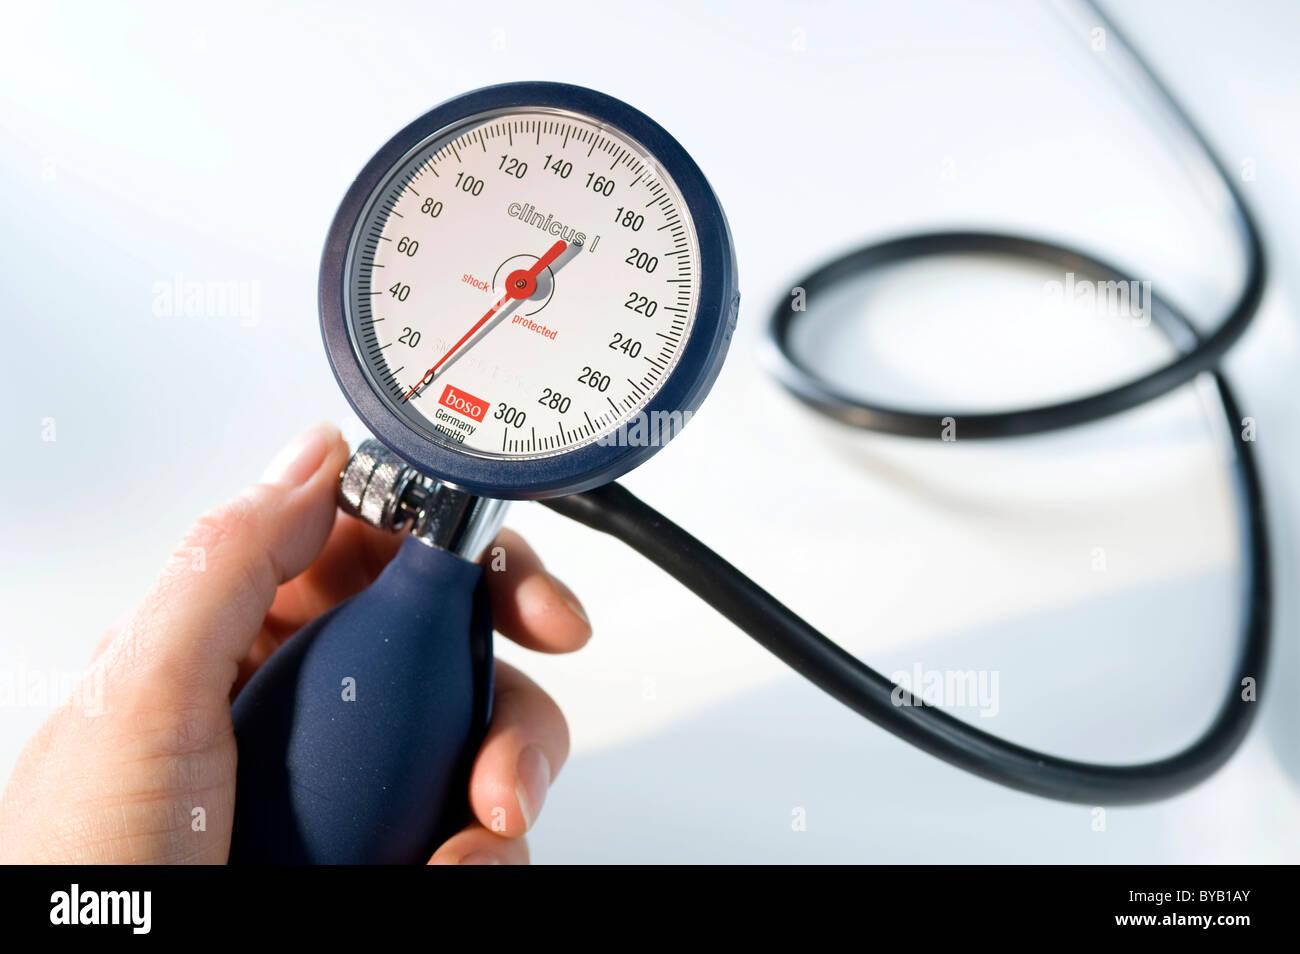 Sphygomanometer for measuring blood pressure, health care - Stock Image